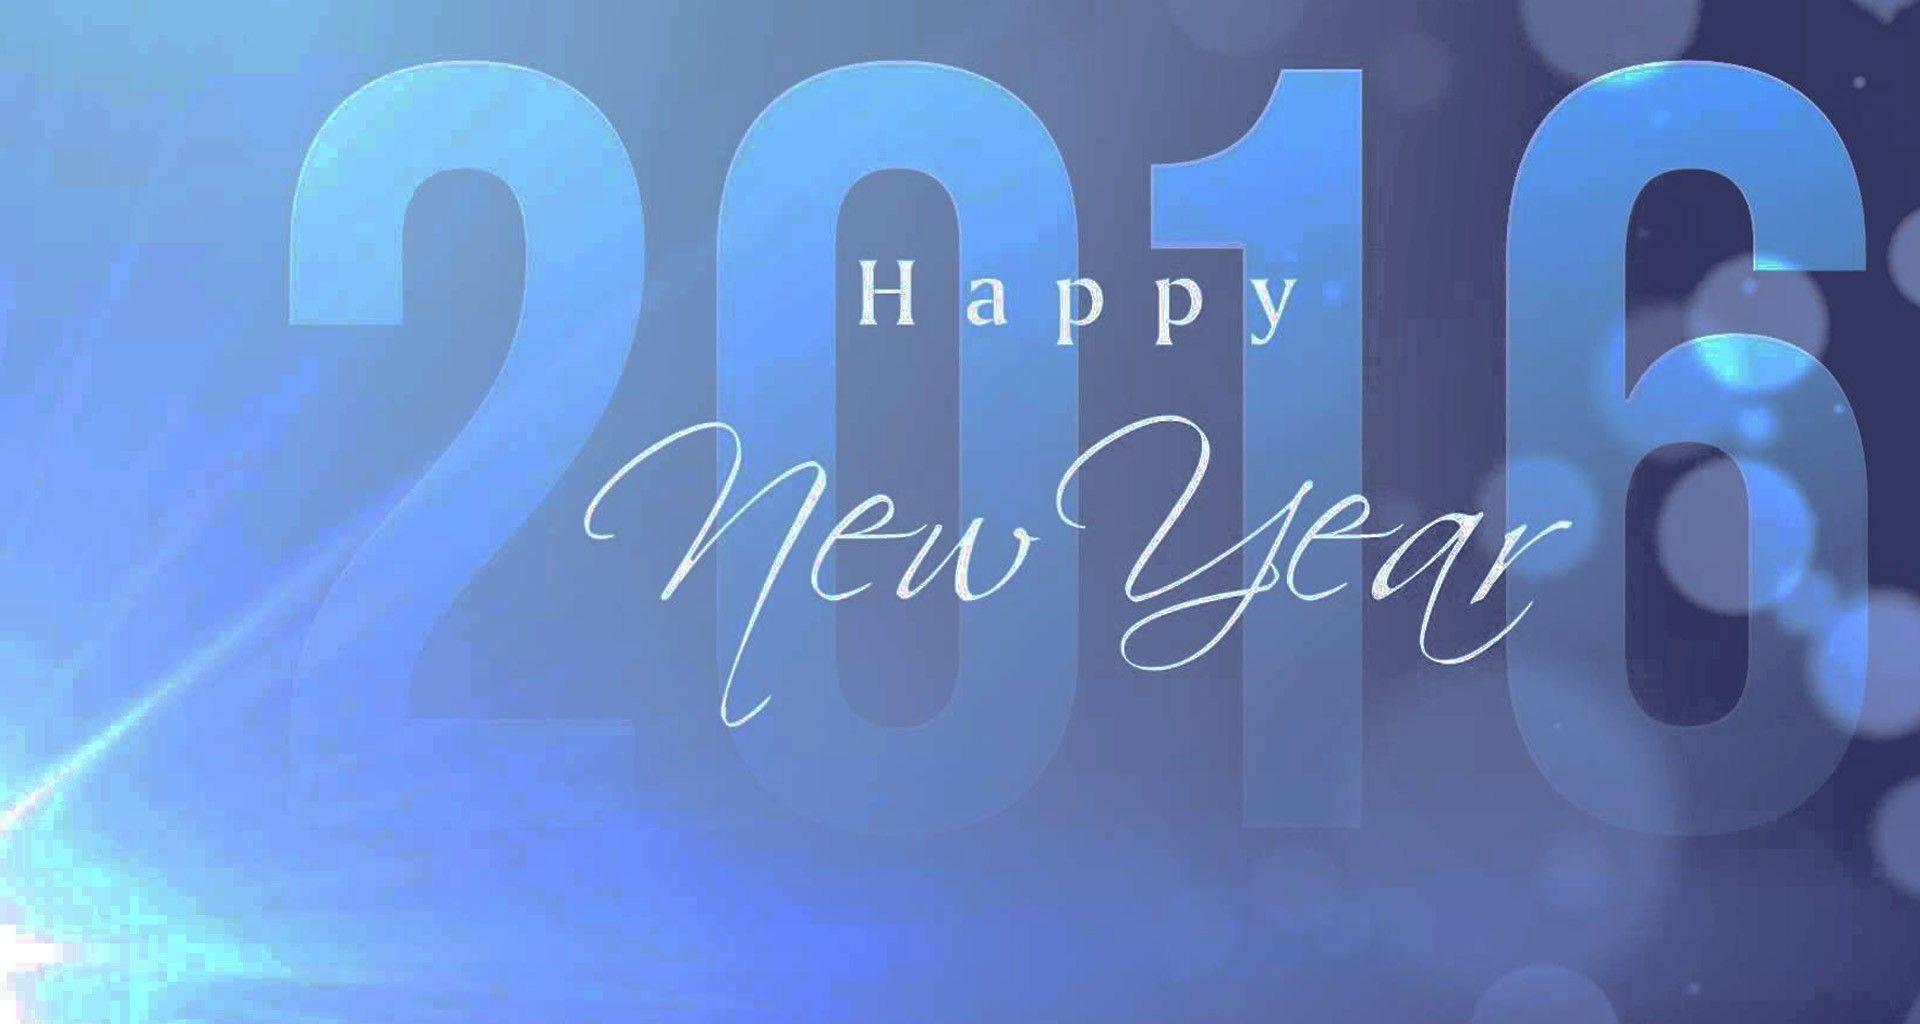 happy new year 2016 desktop wallpaper poetry happy new year pinterest year 2016 and wallpaper